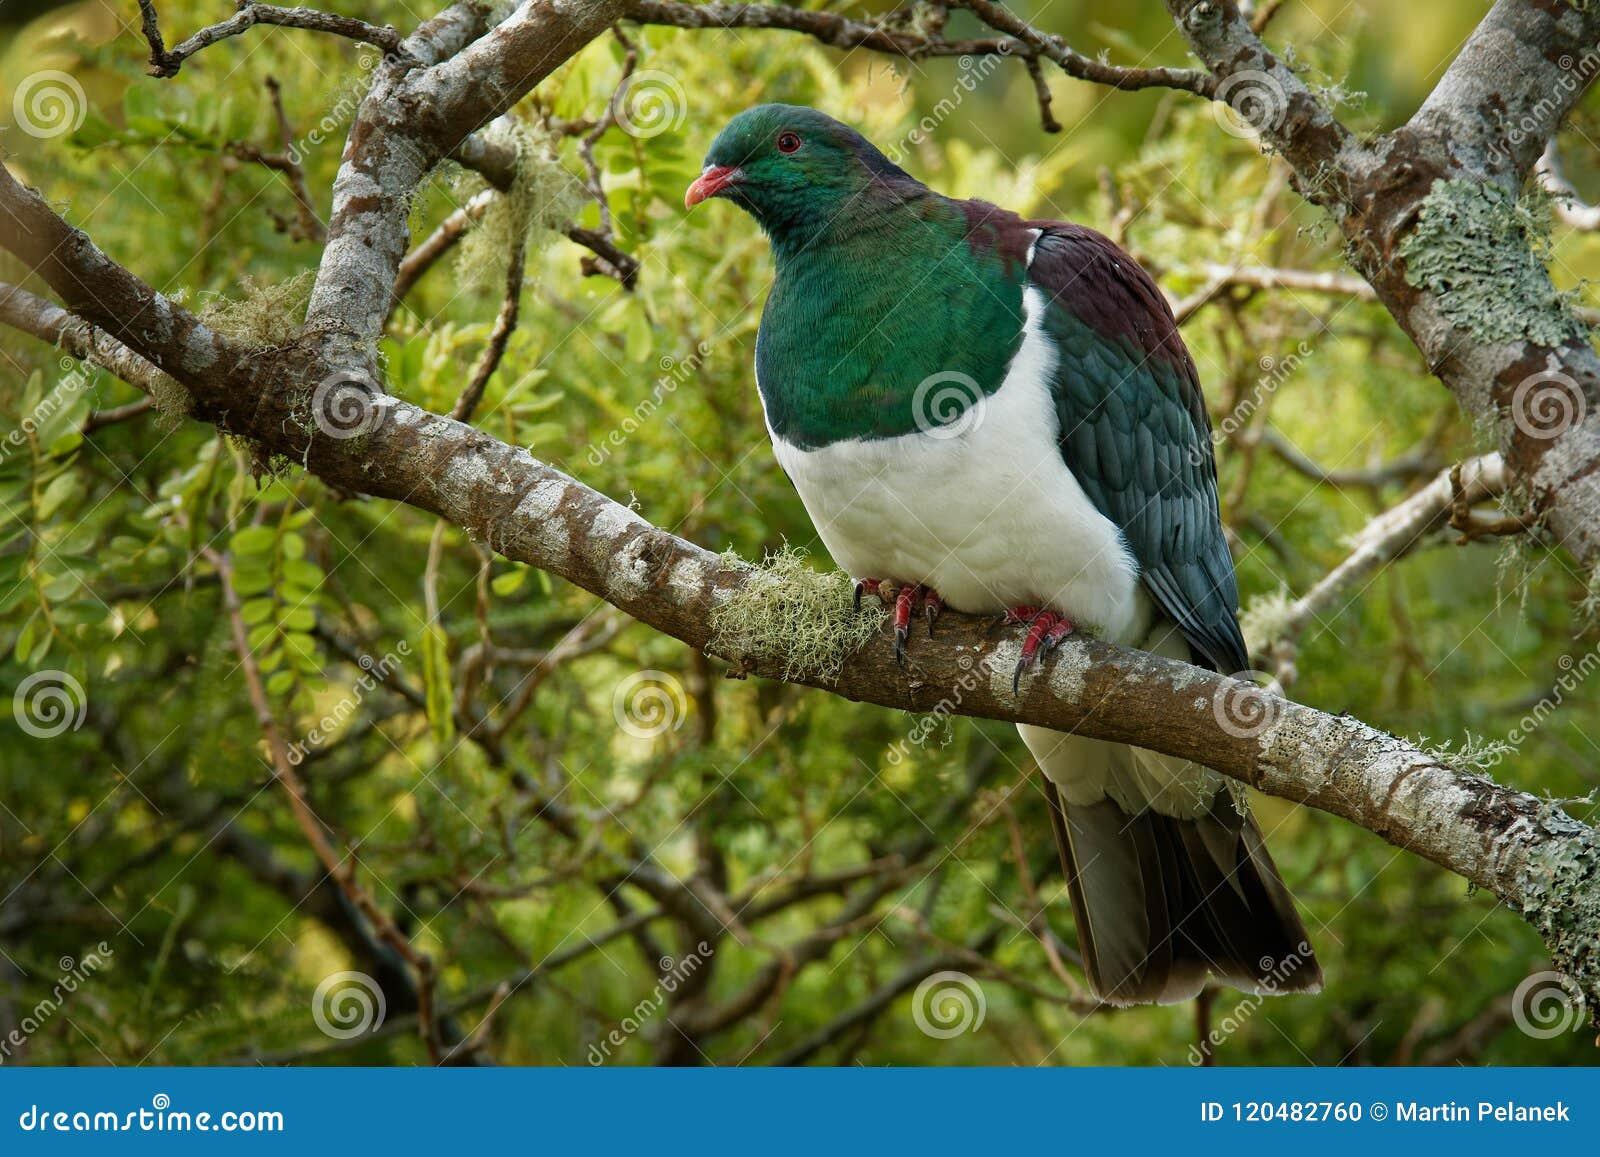 Pombo de Nova Zelândia - novaeseelandiae de Hemiphaga - kereru que senta-se e que alimenta na árvore em Nova Zelândia